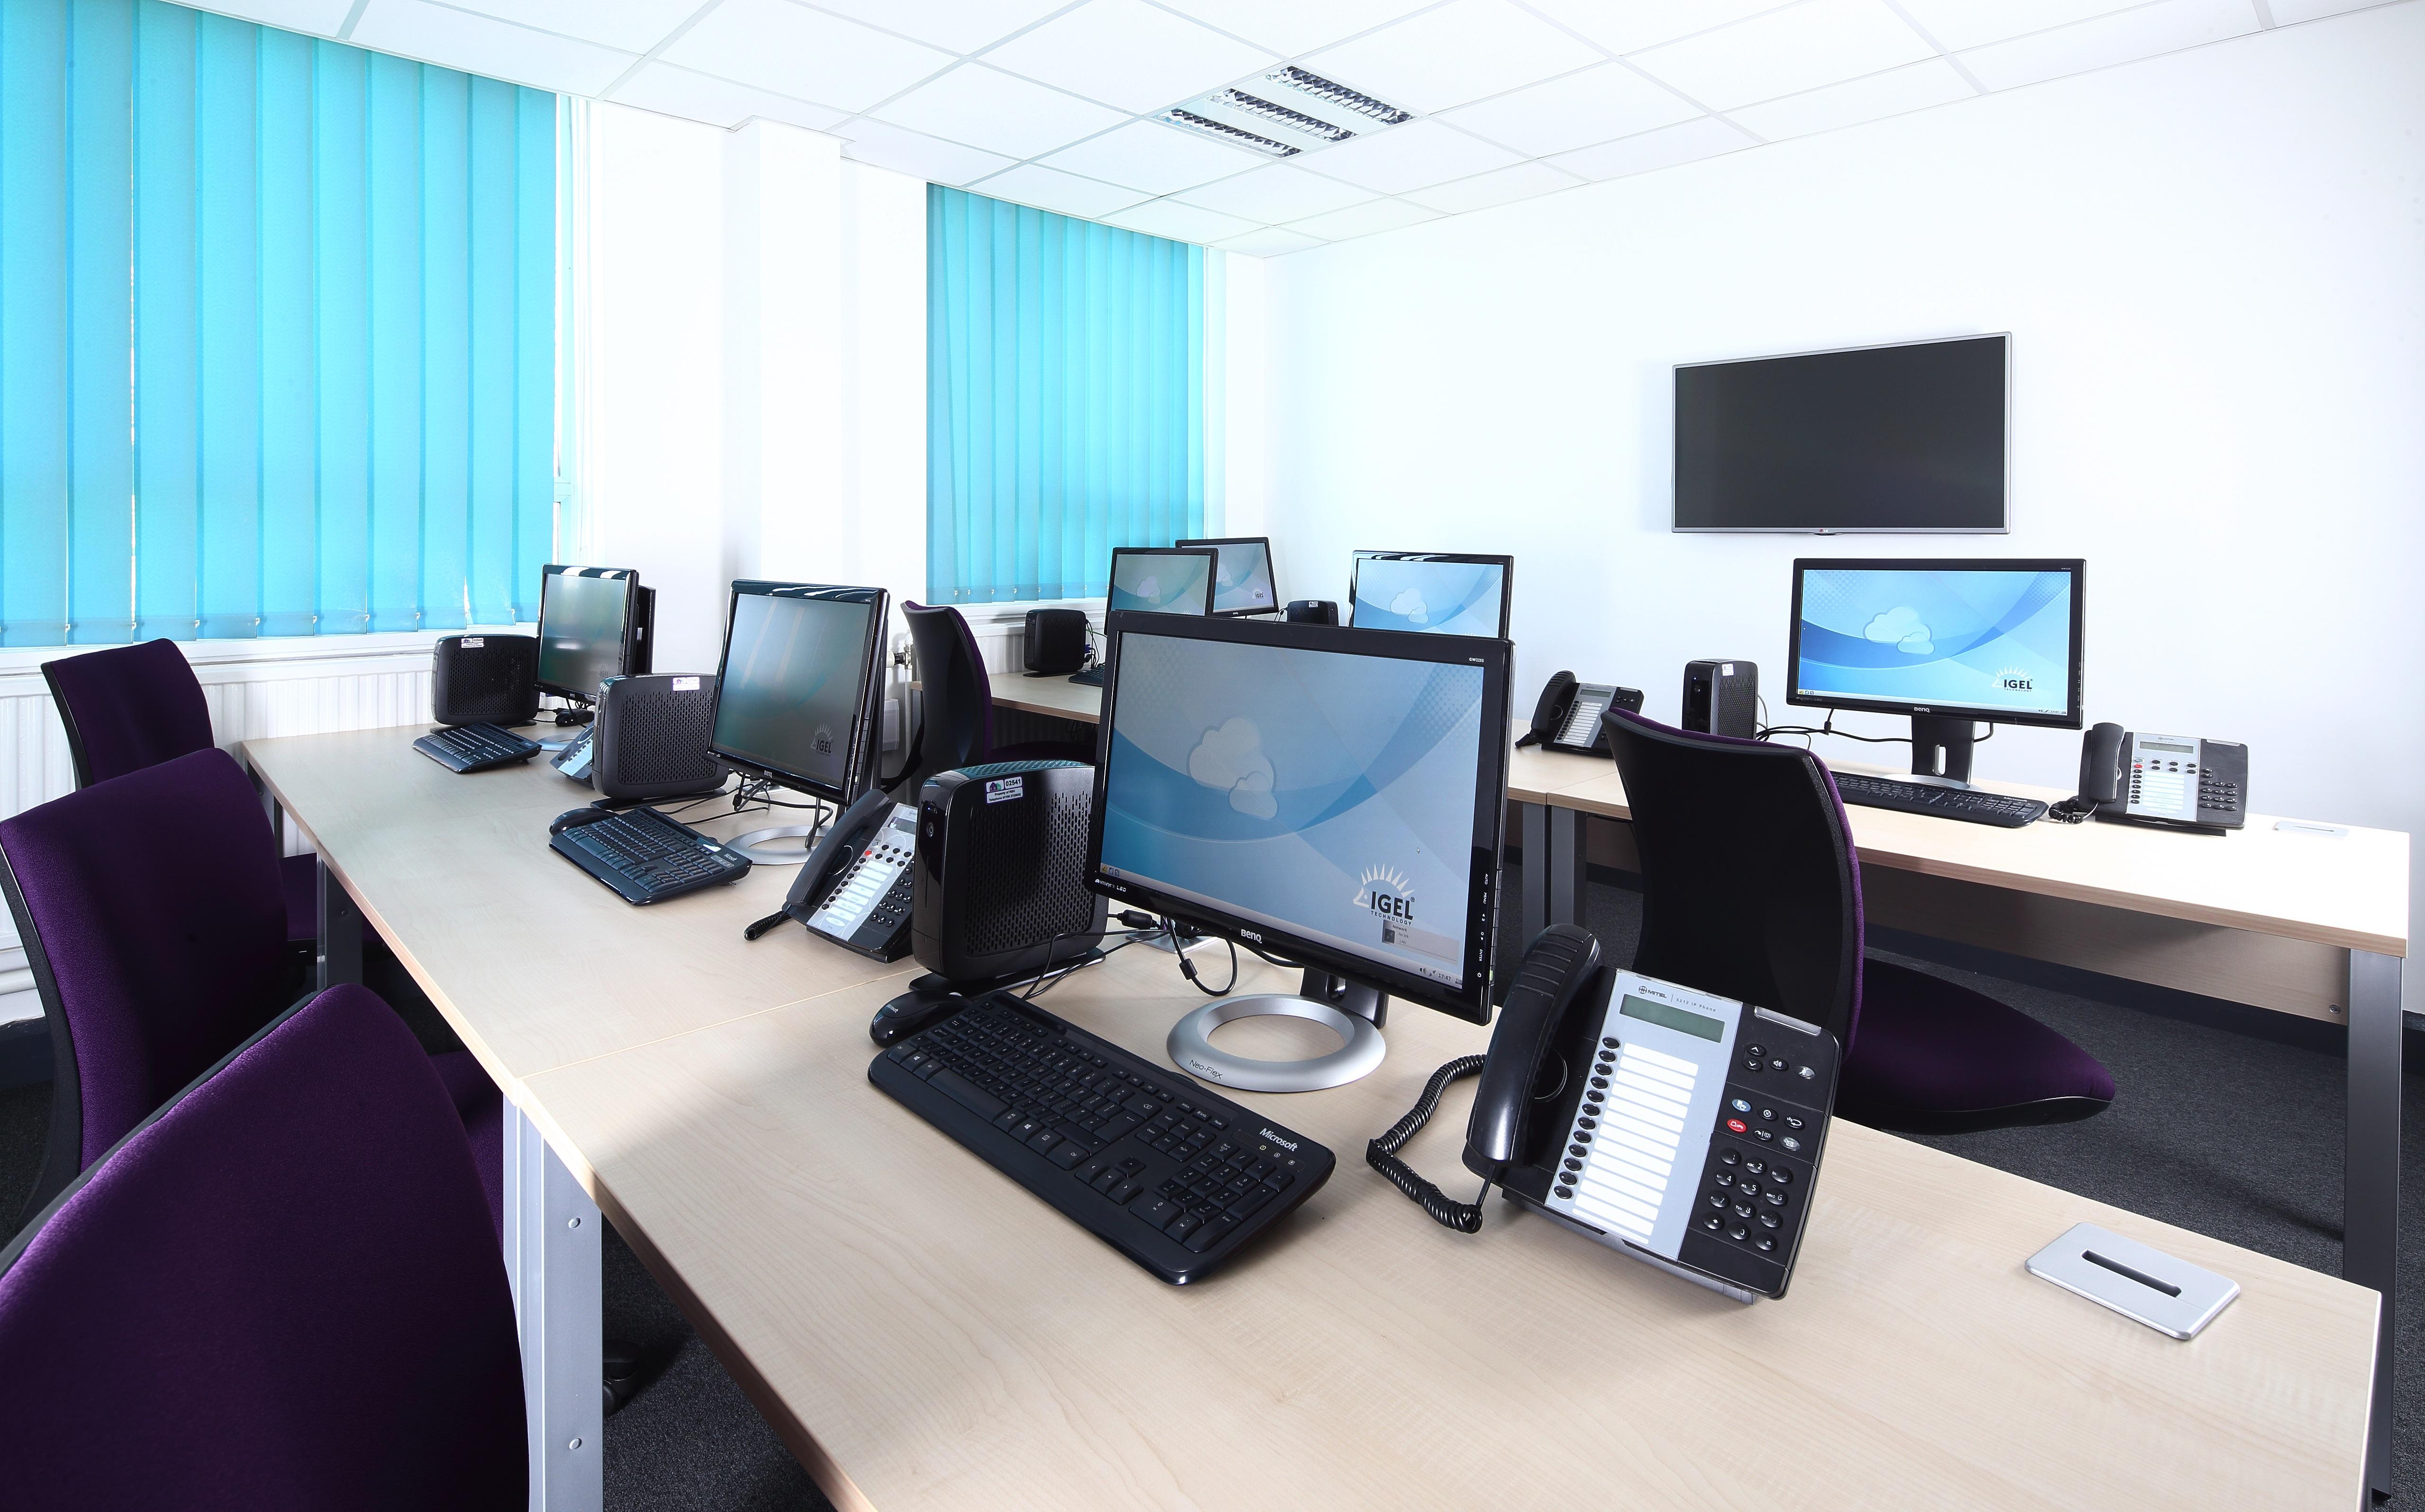 Corporate Office Interior Design Interior Office Design Bolton Manchester Cheshire